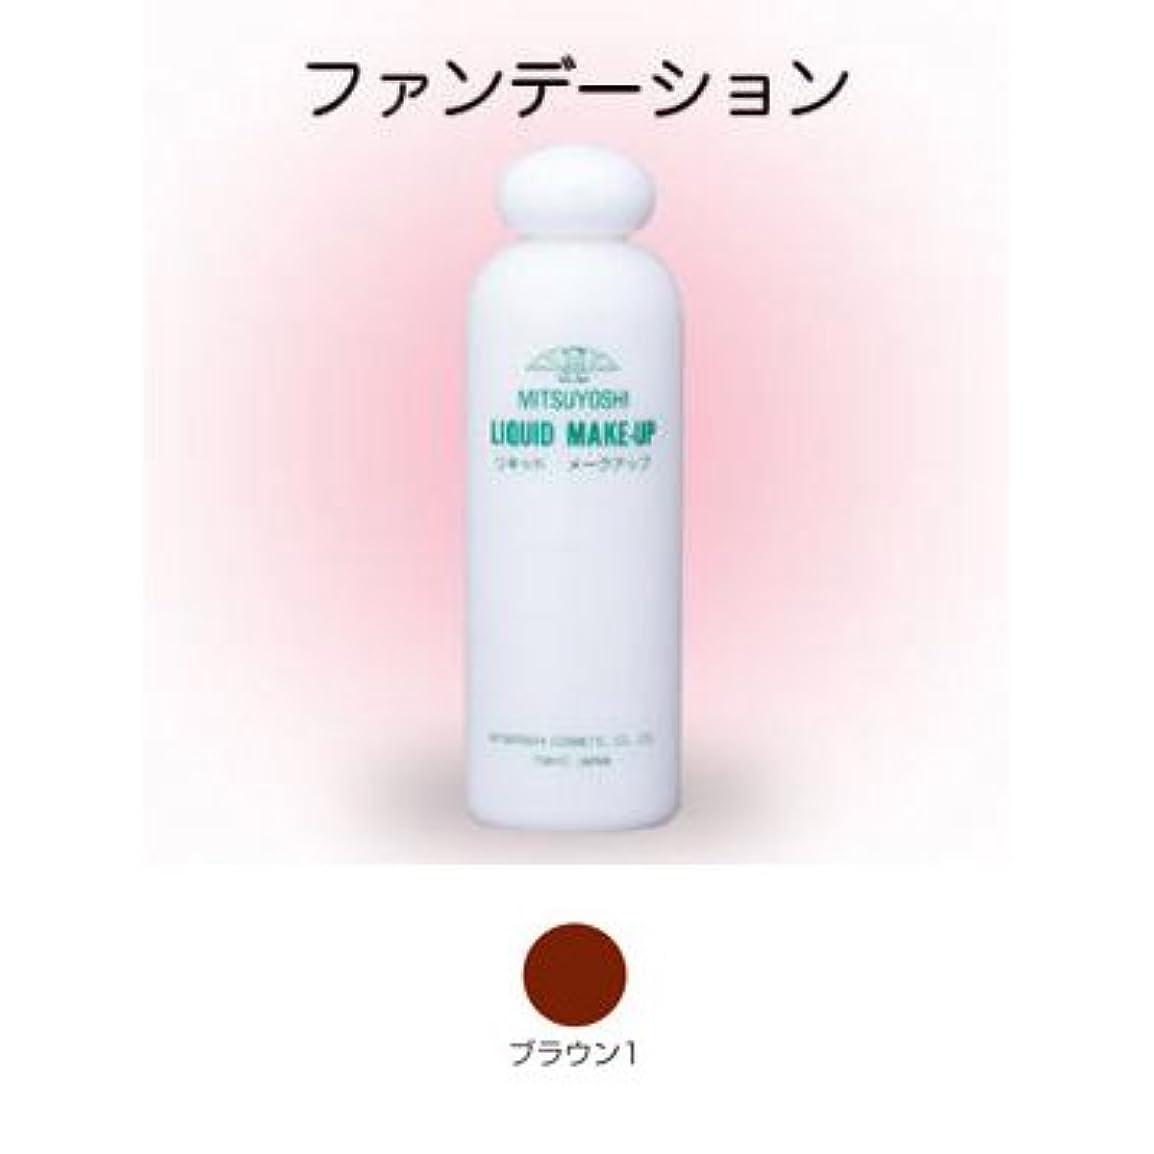 取り囲むおんどりブラウザ三善 リキッドメークアップ 水おしろい コスプレメイク 舞台用化粧品 カラー:ブラウン1 #